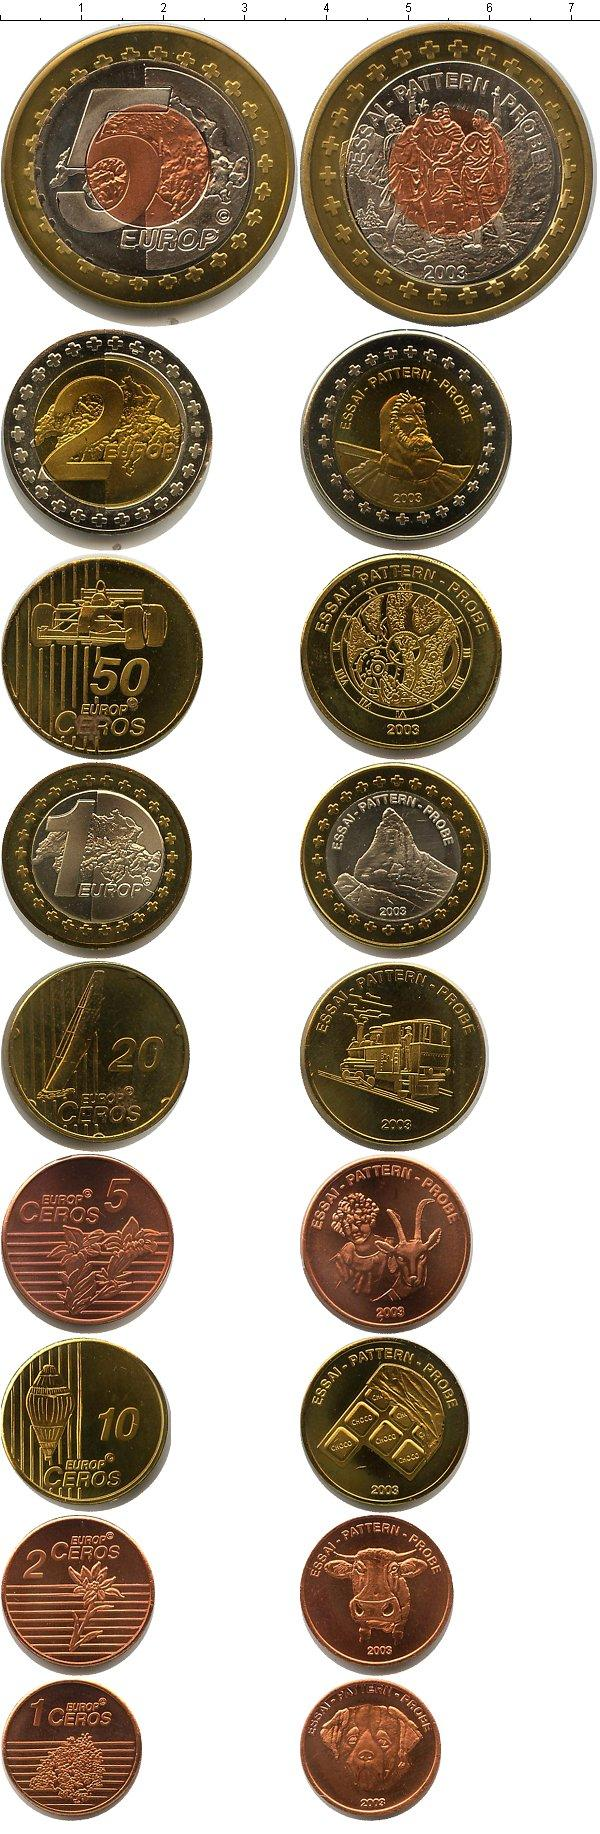 Каталог монет - Швейцария Пробный евронабор 2003